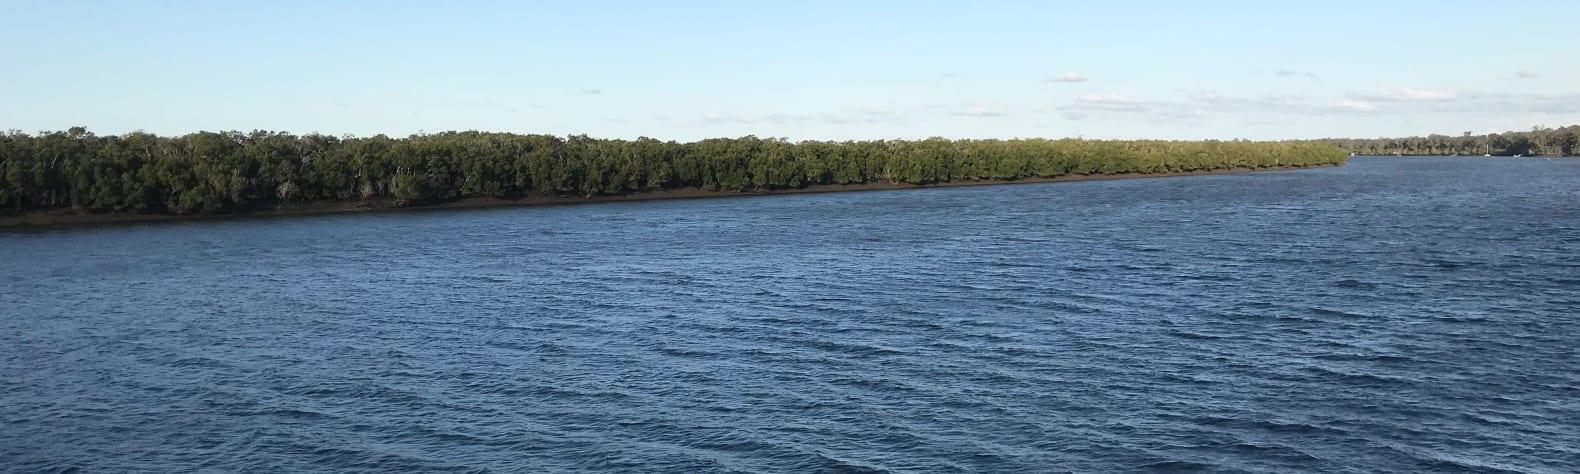 Mary River Bush Camp